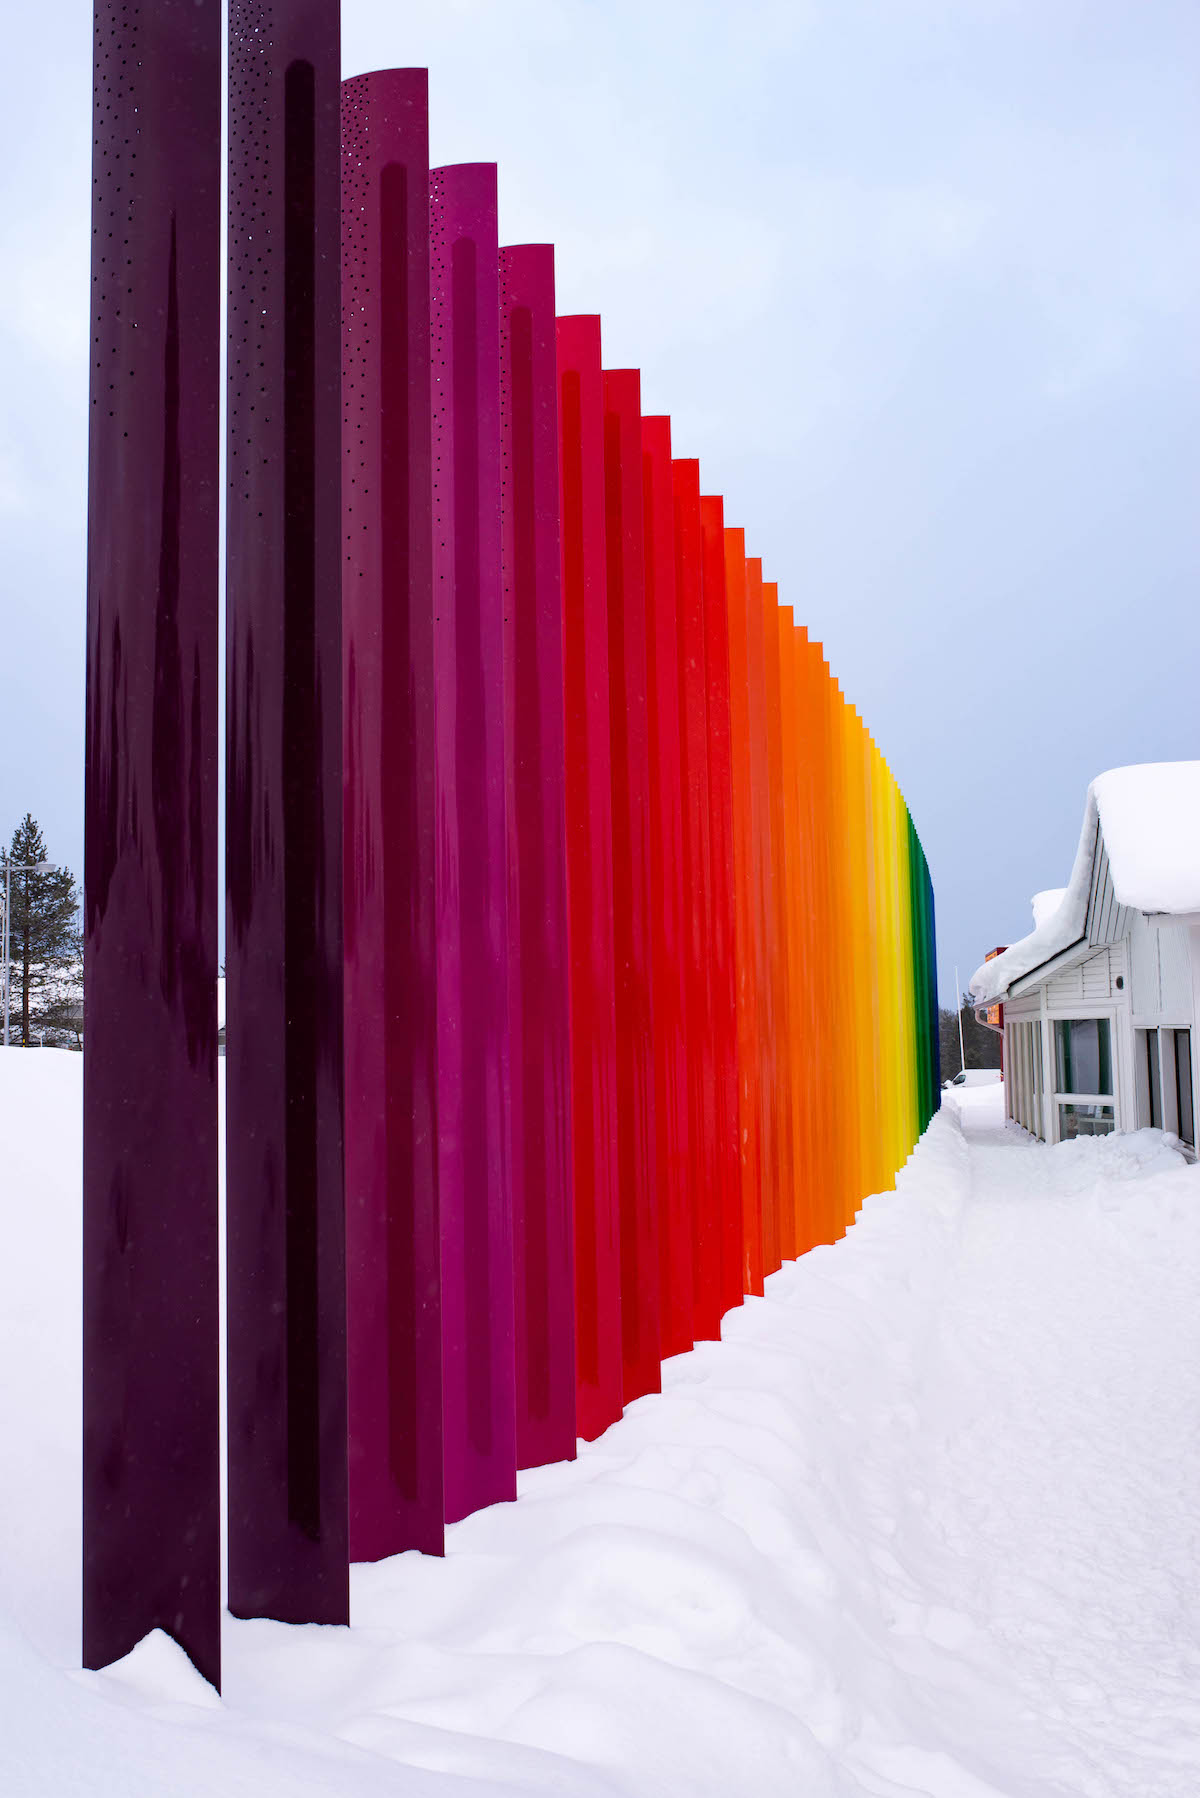 Saariselka Finland Rainbow Fence